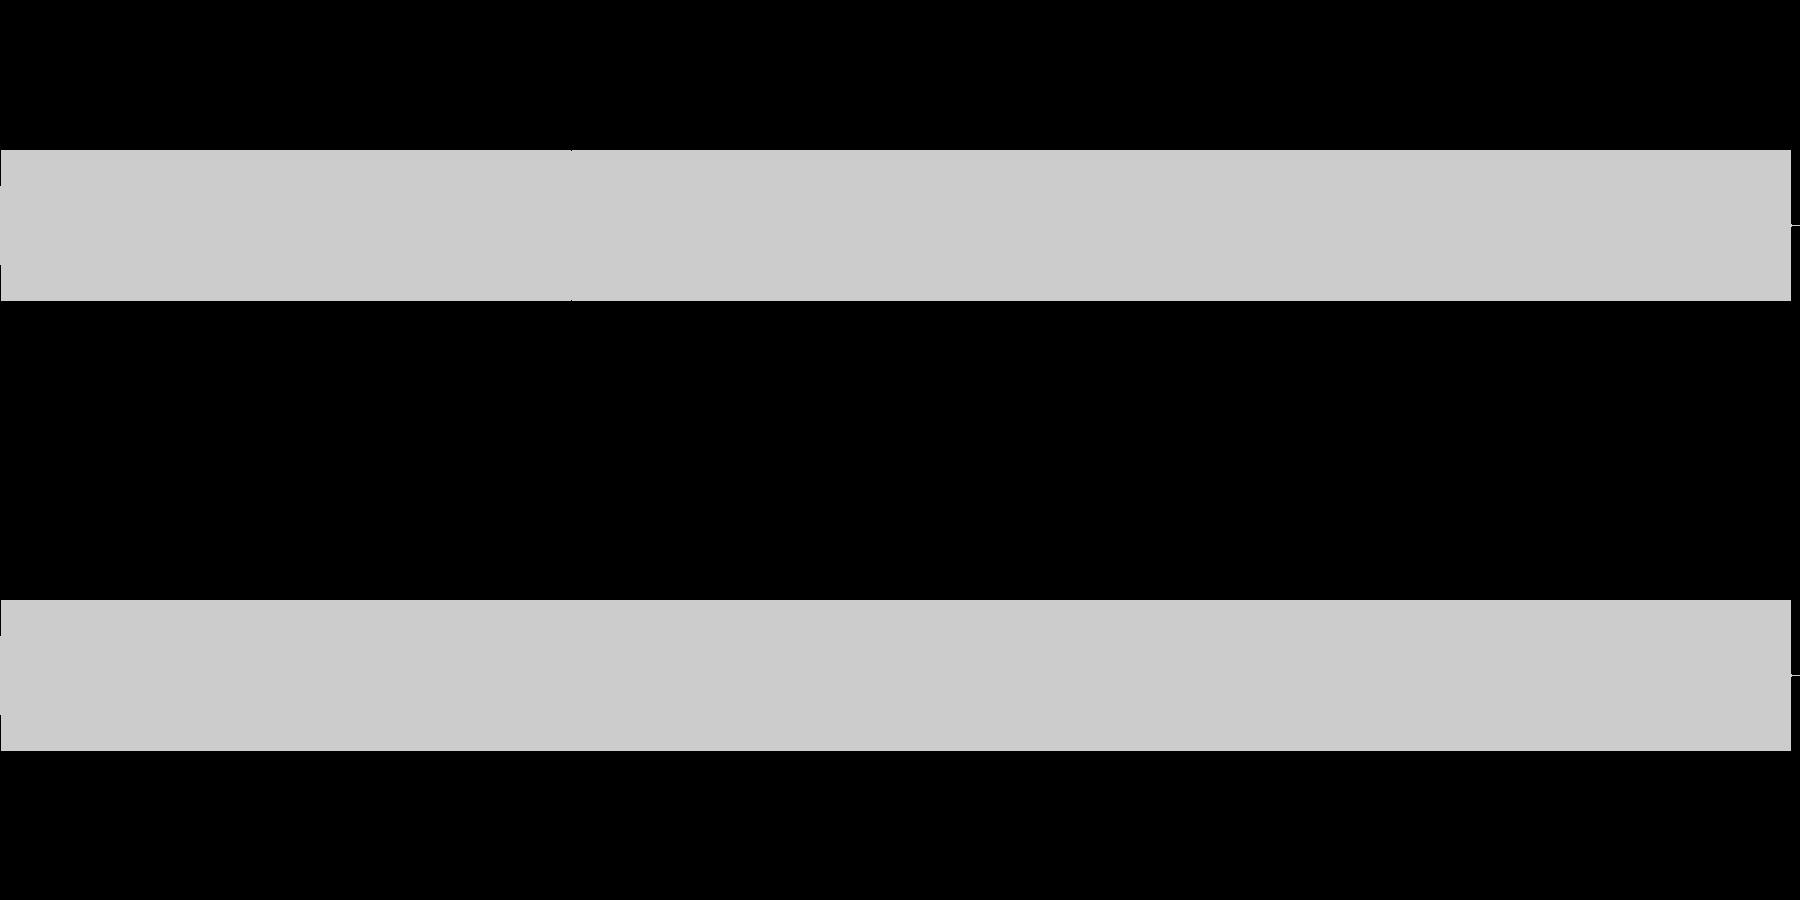 自主規制音、NG音「ピロピロ」の未再生の波形